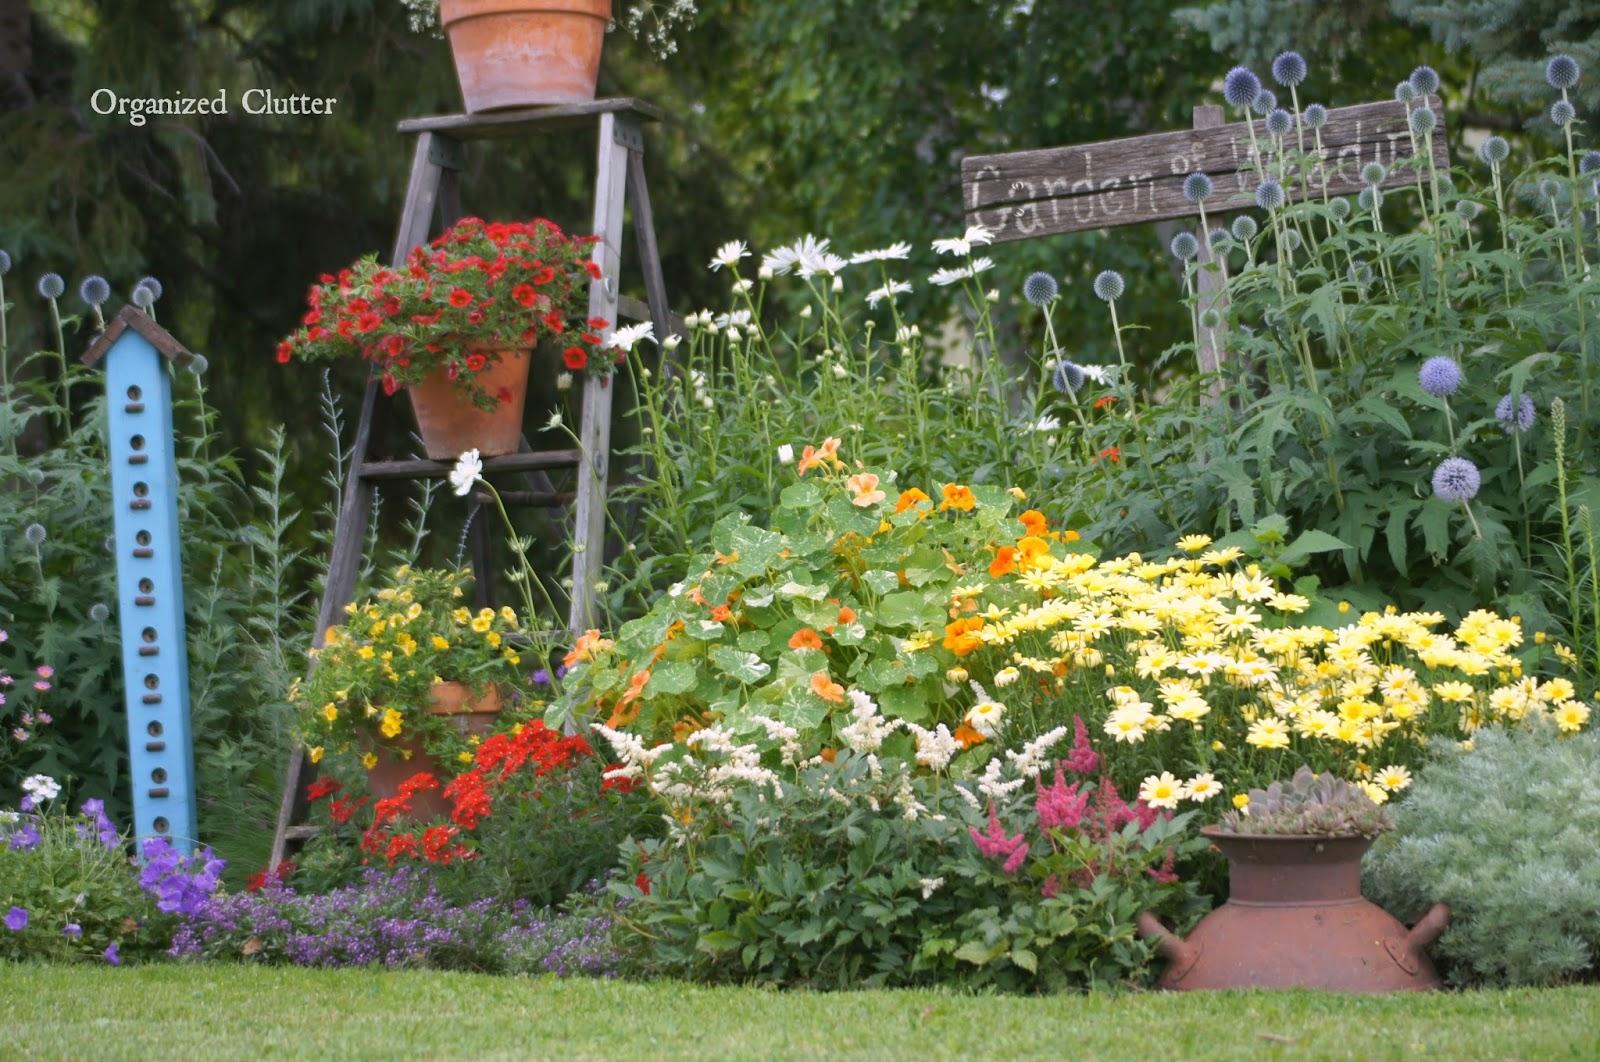 Garden of Annuals, Perennials & Junk www.organizedclutterqueen.blogspot.com